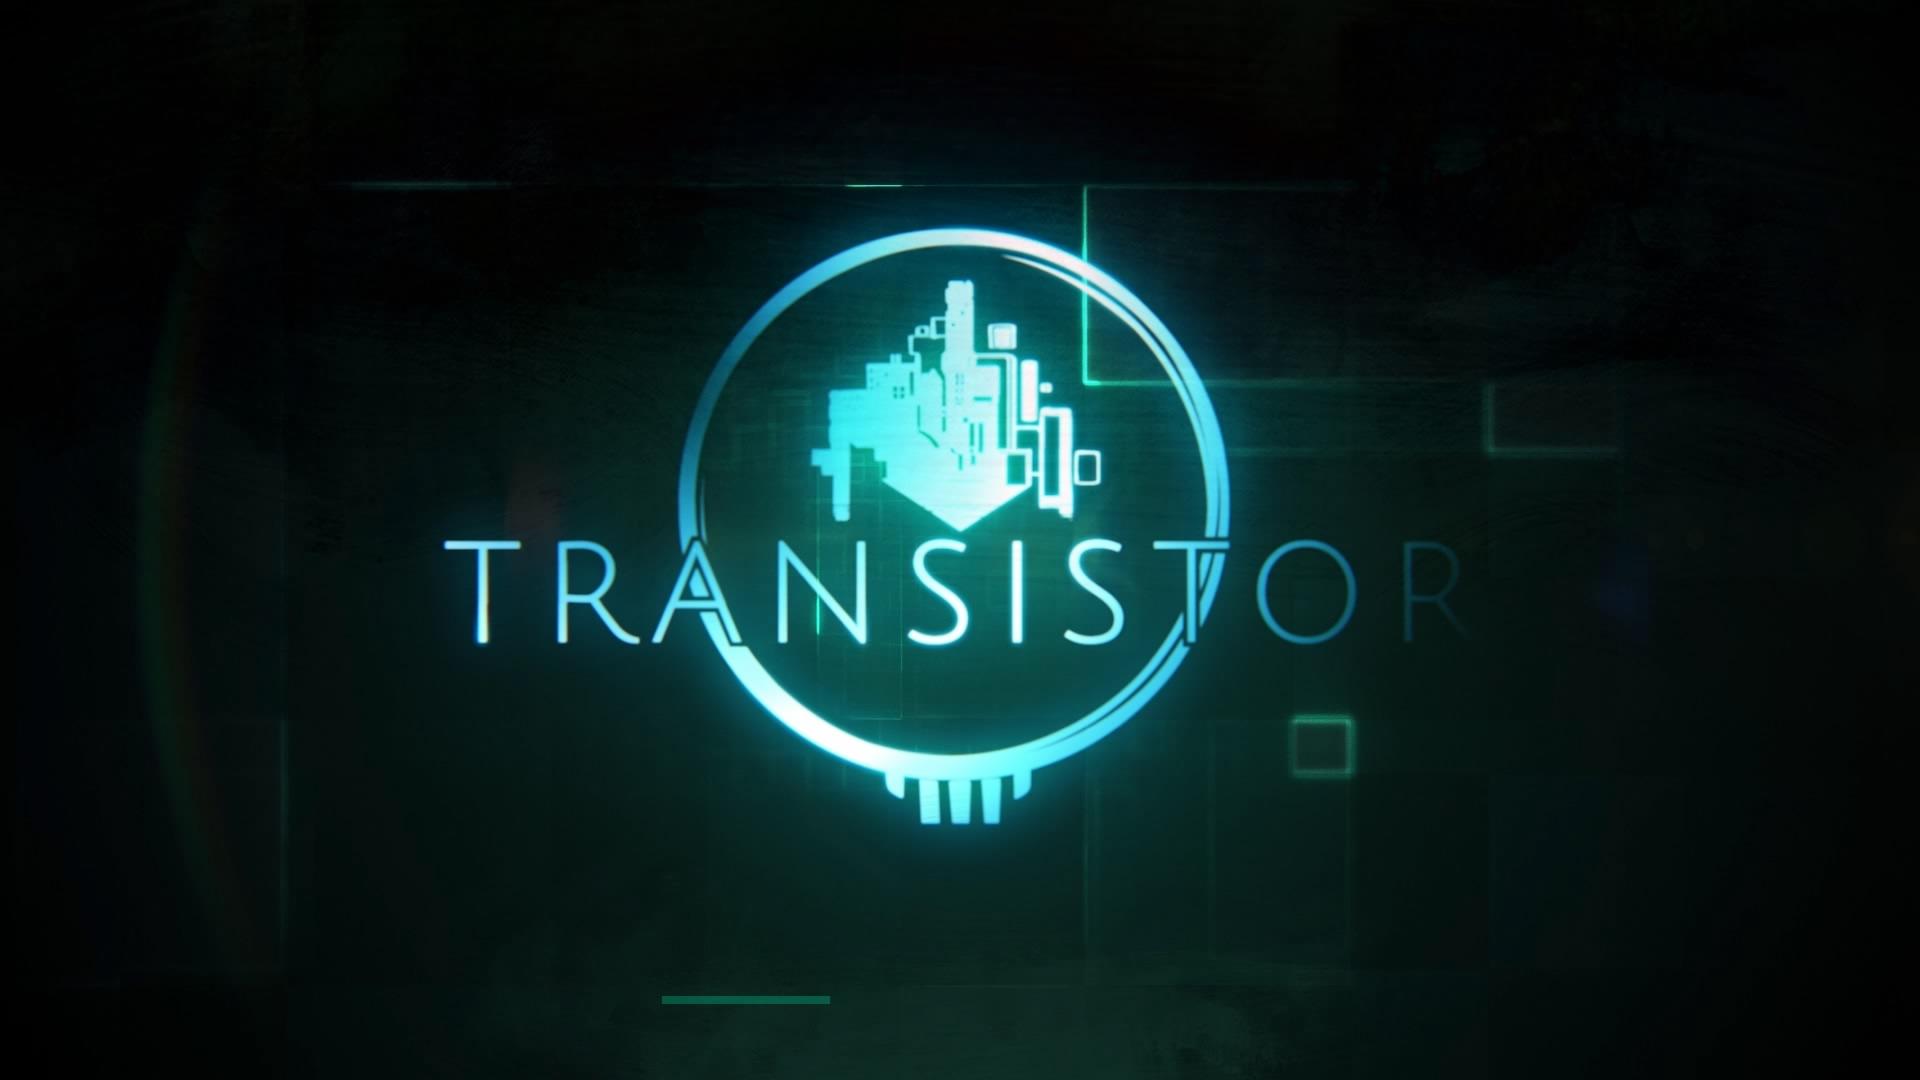 Start Screen UI - Transistor